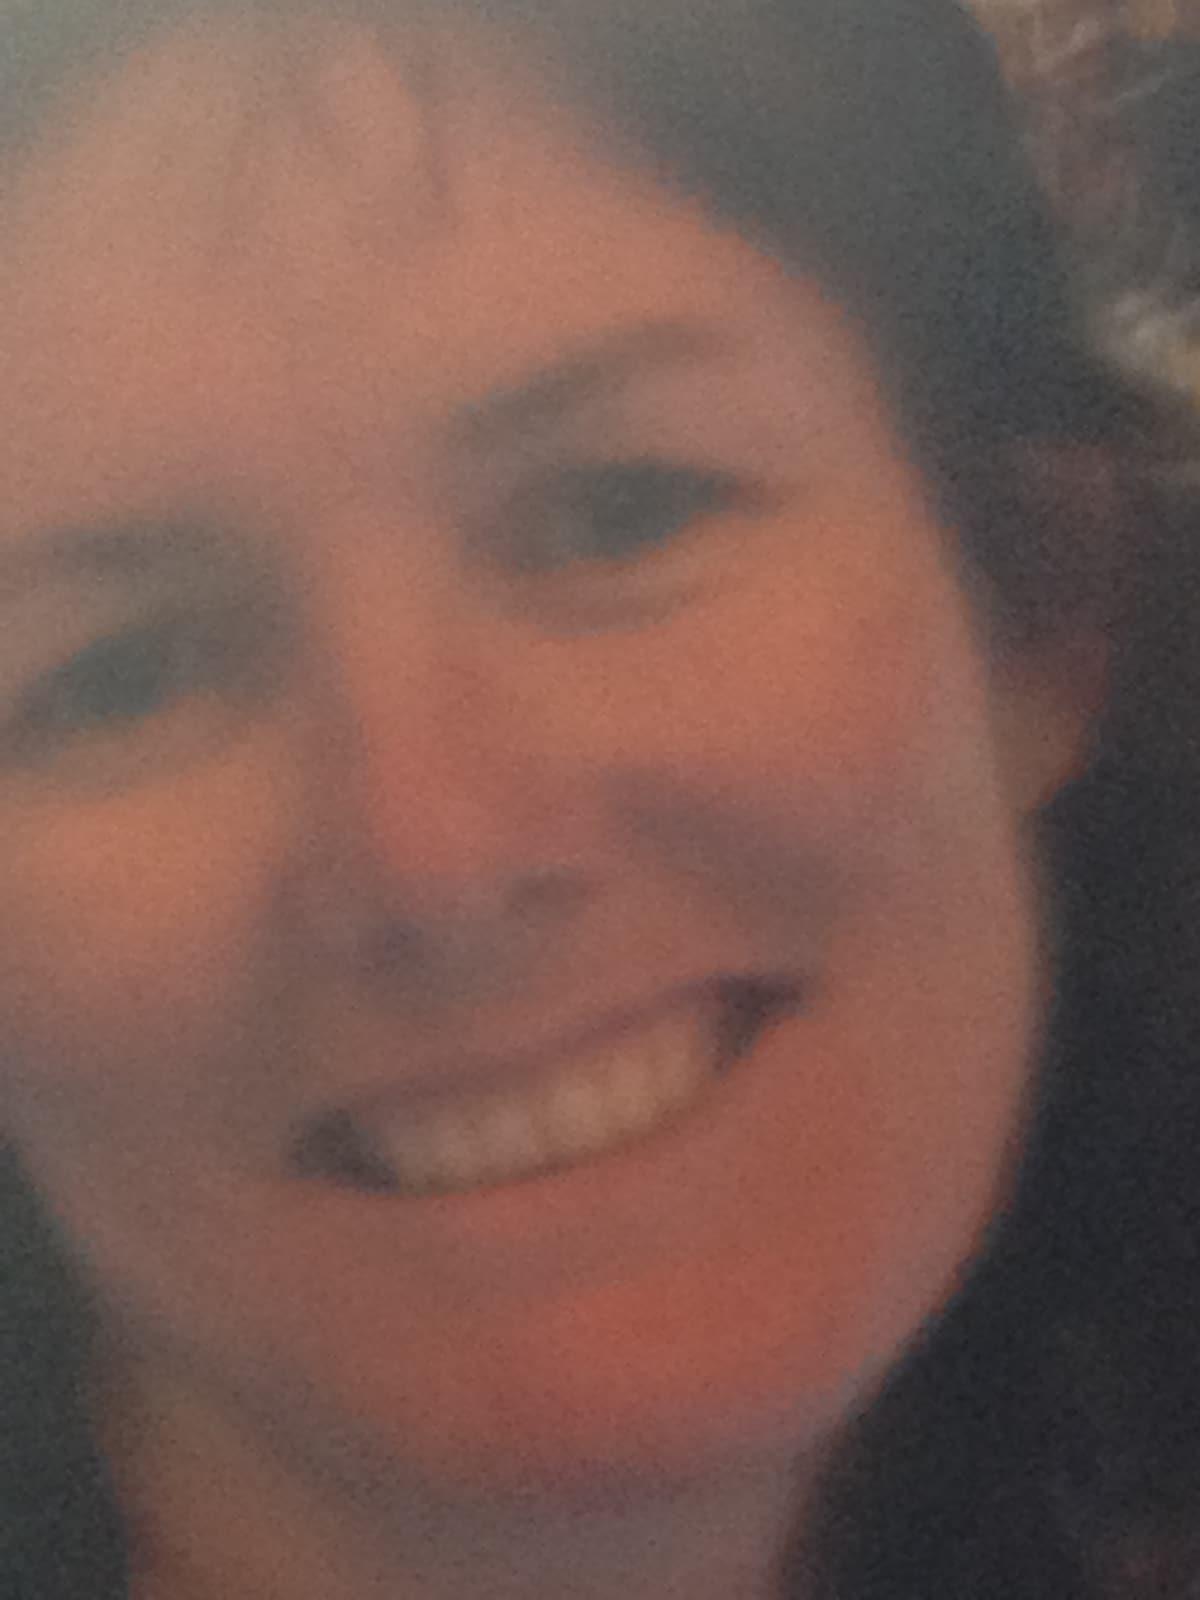 Geraldine from Achill